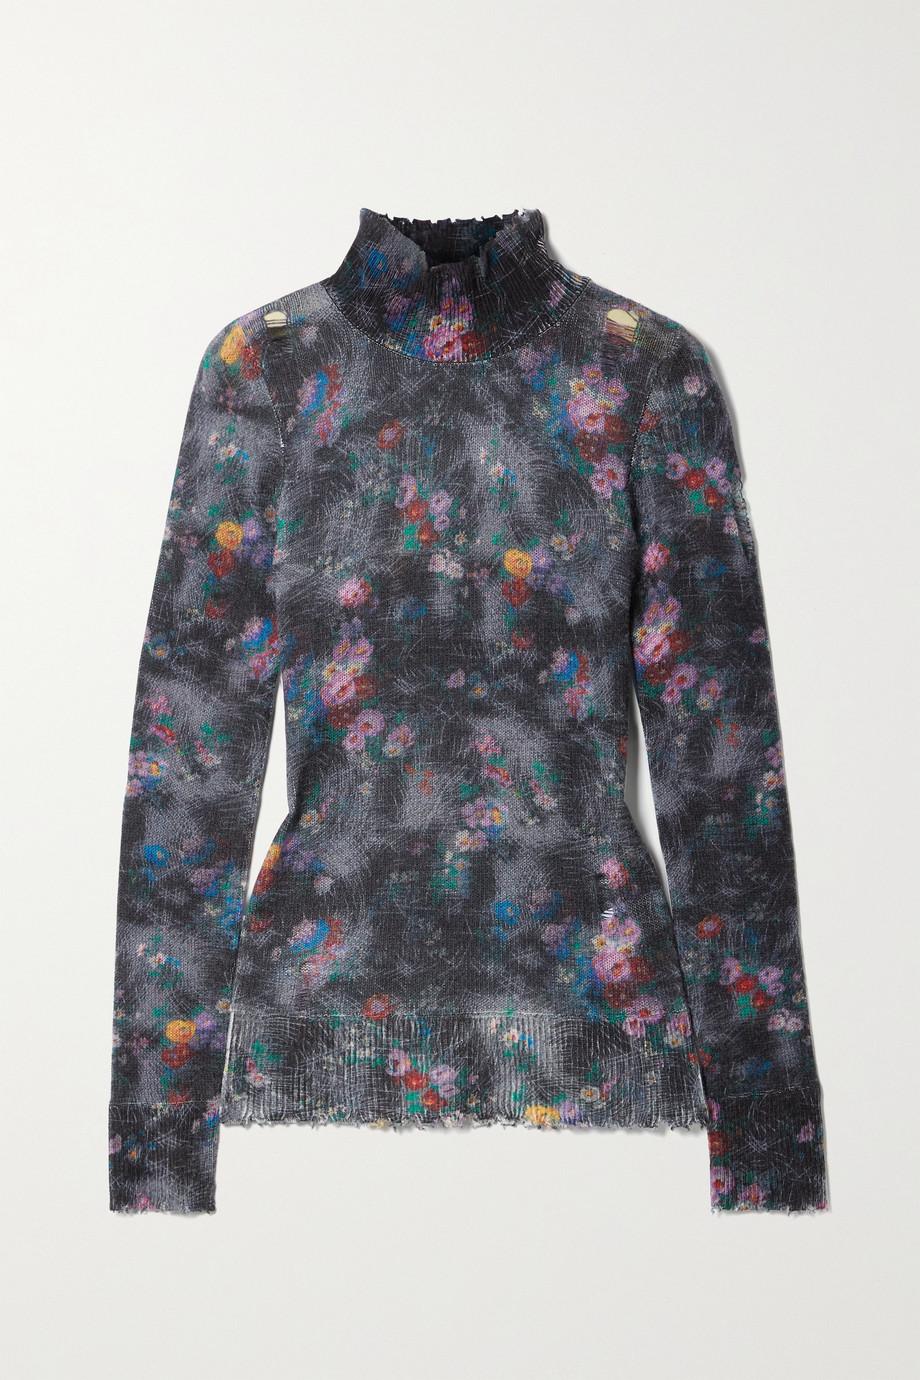 R13 Pullover aus Kaschmir mit Blumenprint, Stehkragen und Distressed-Details